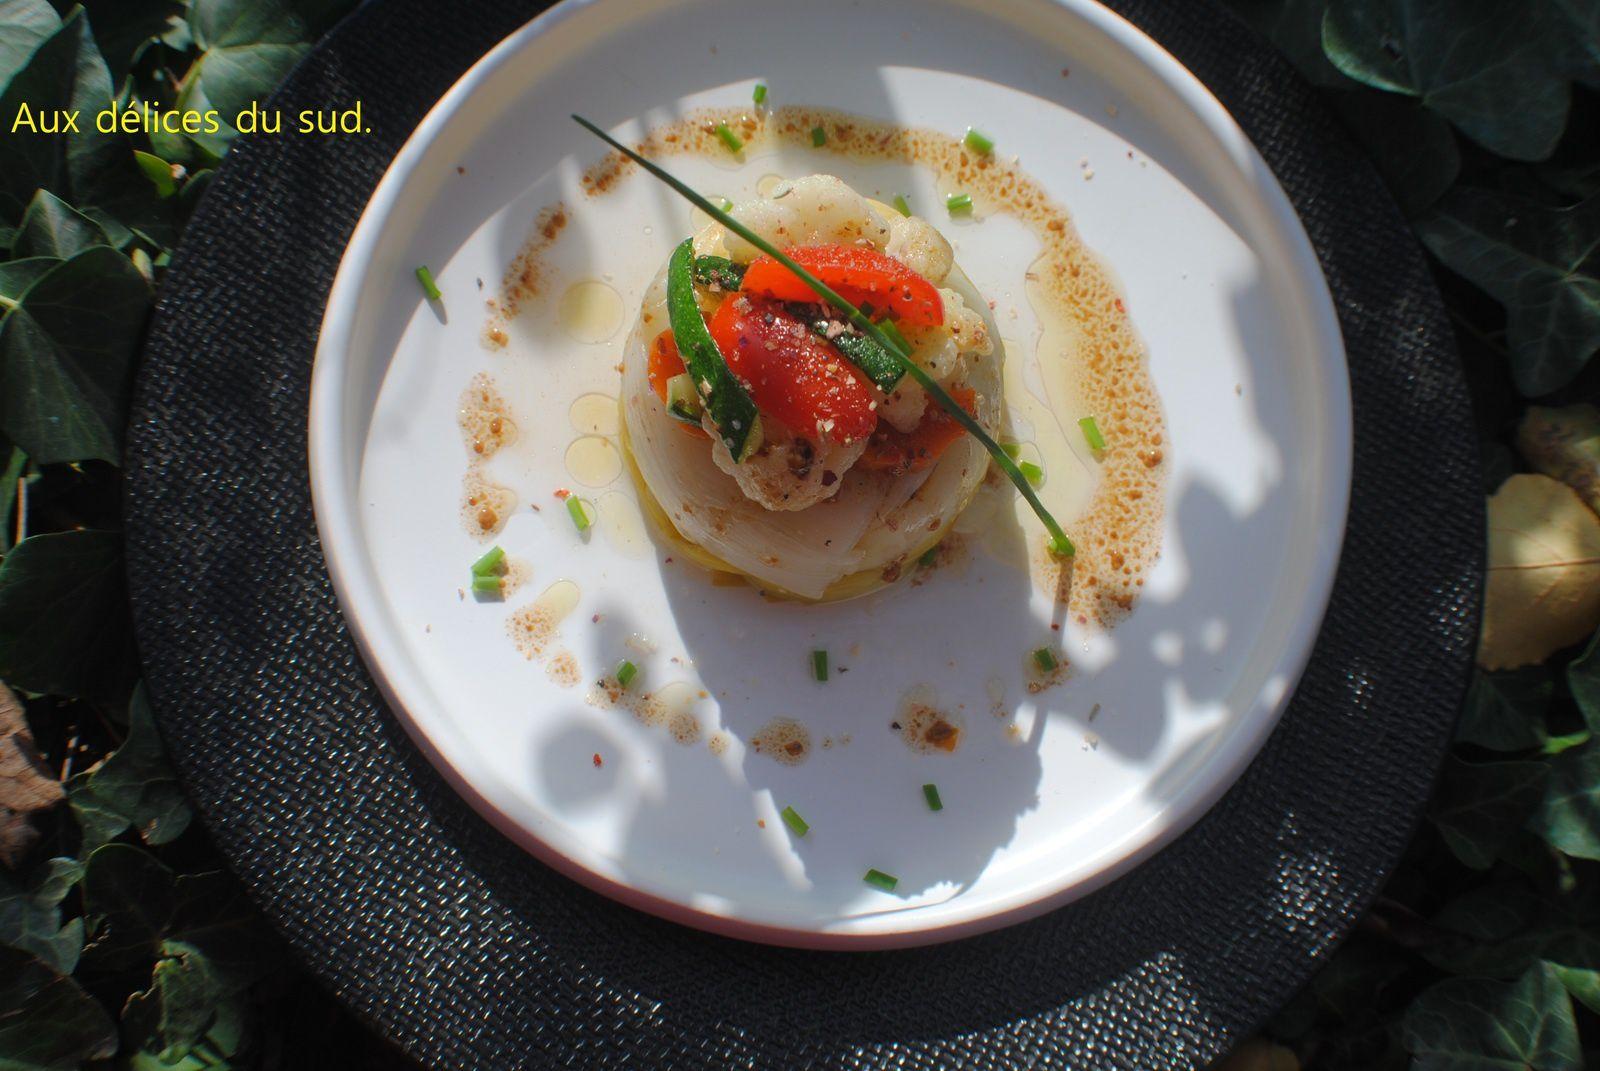 Timbales de poireaux aux légumes croquants .